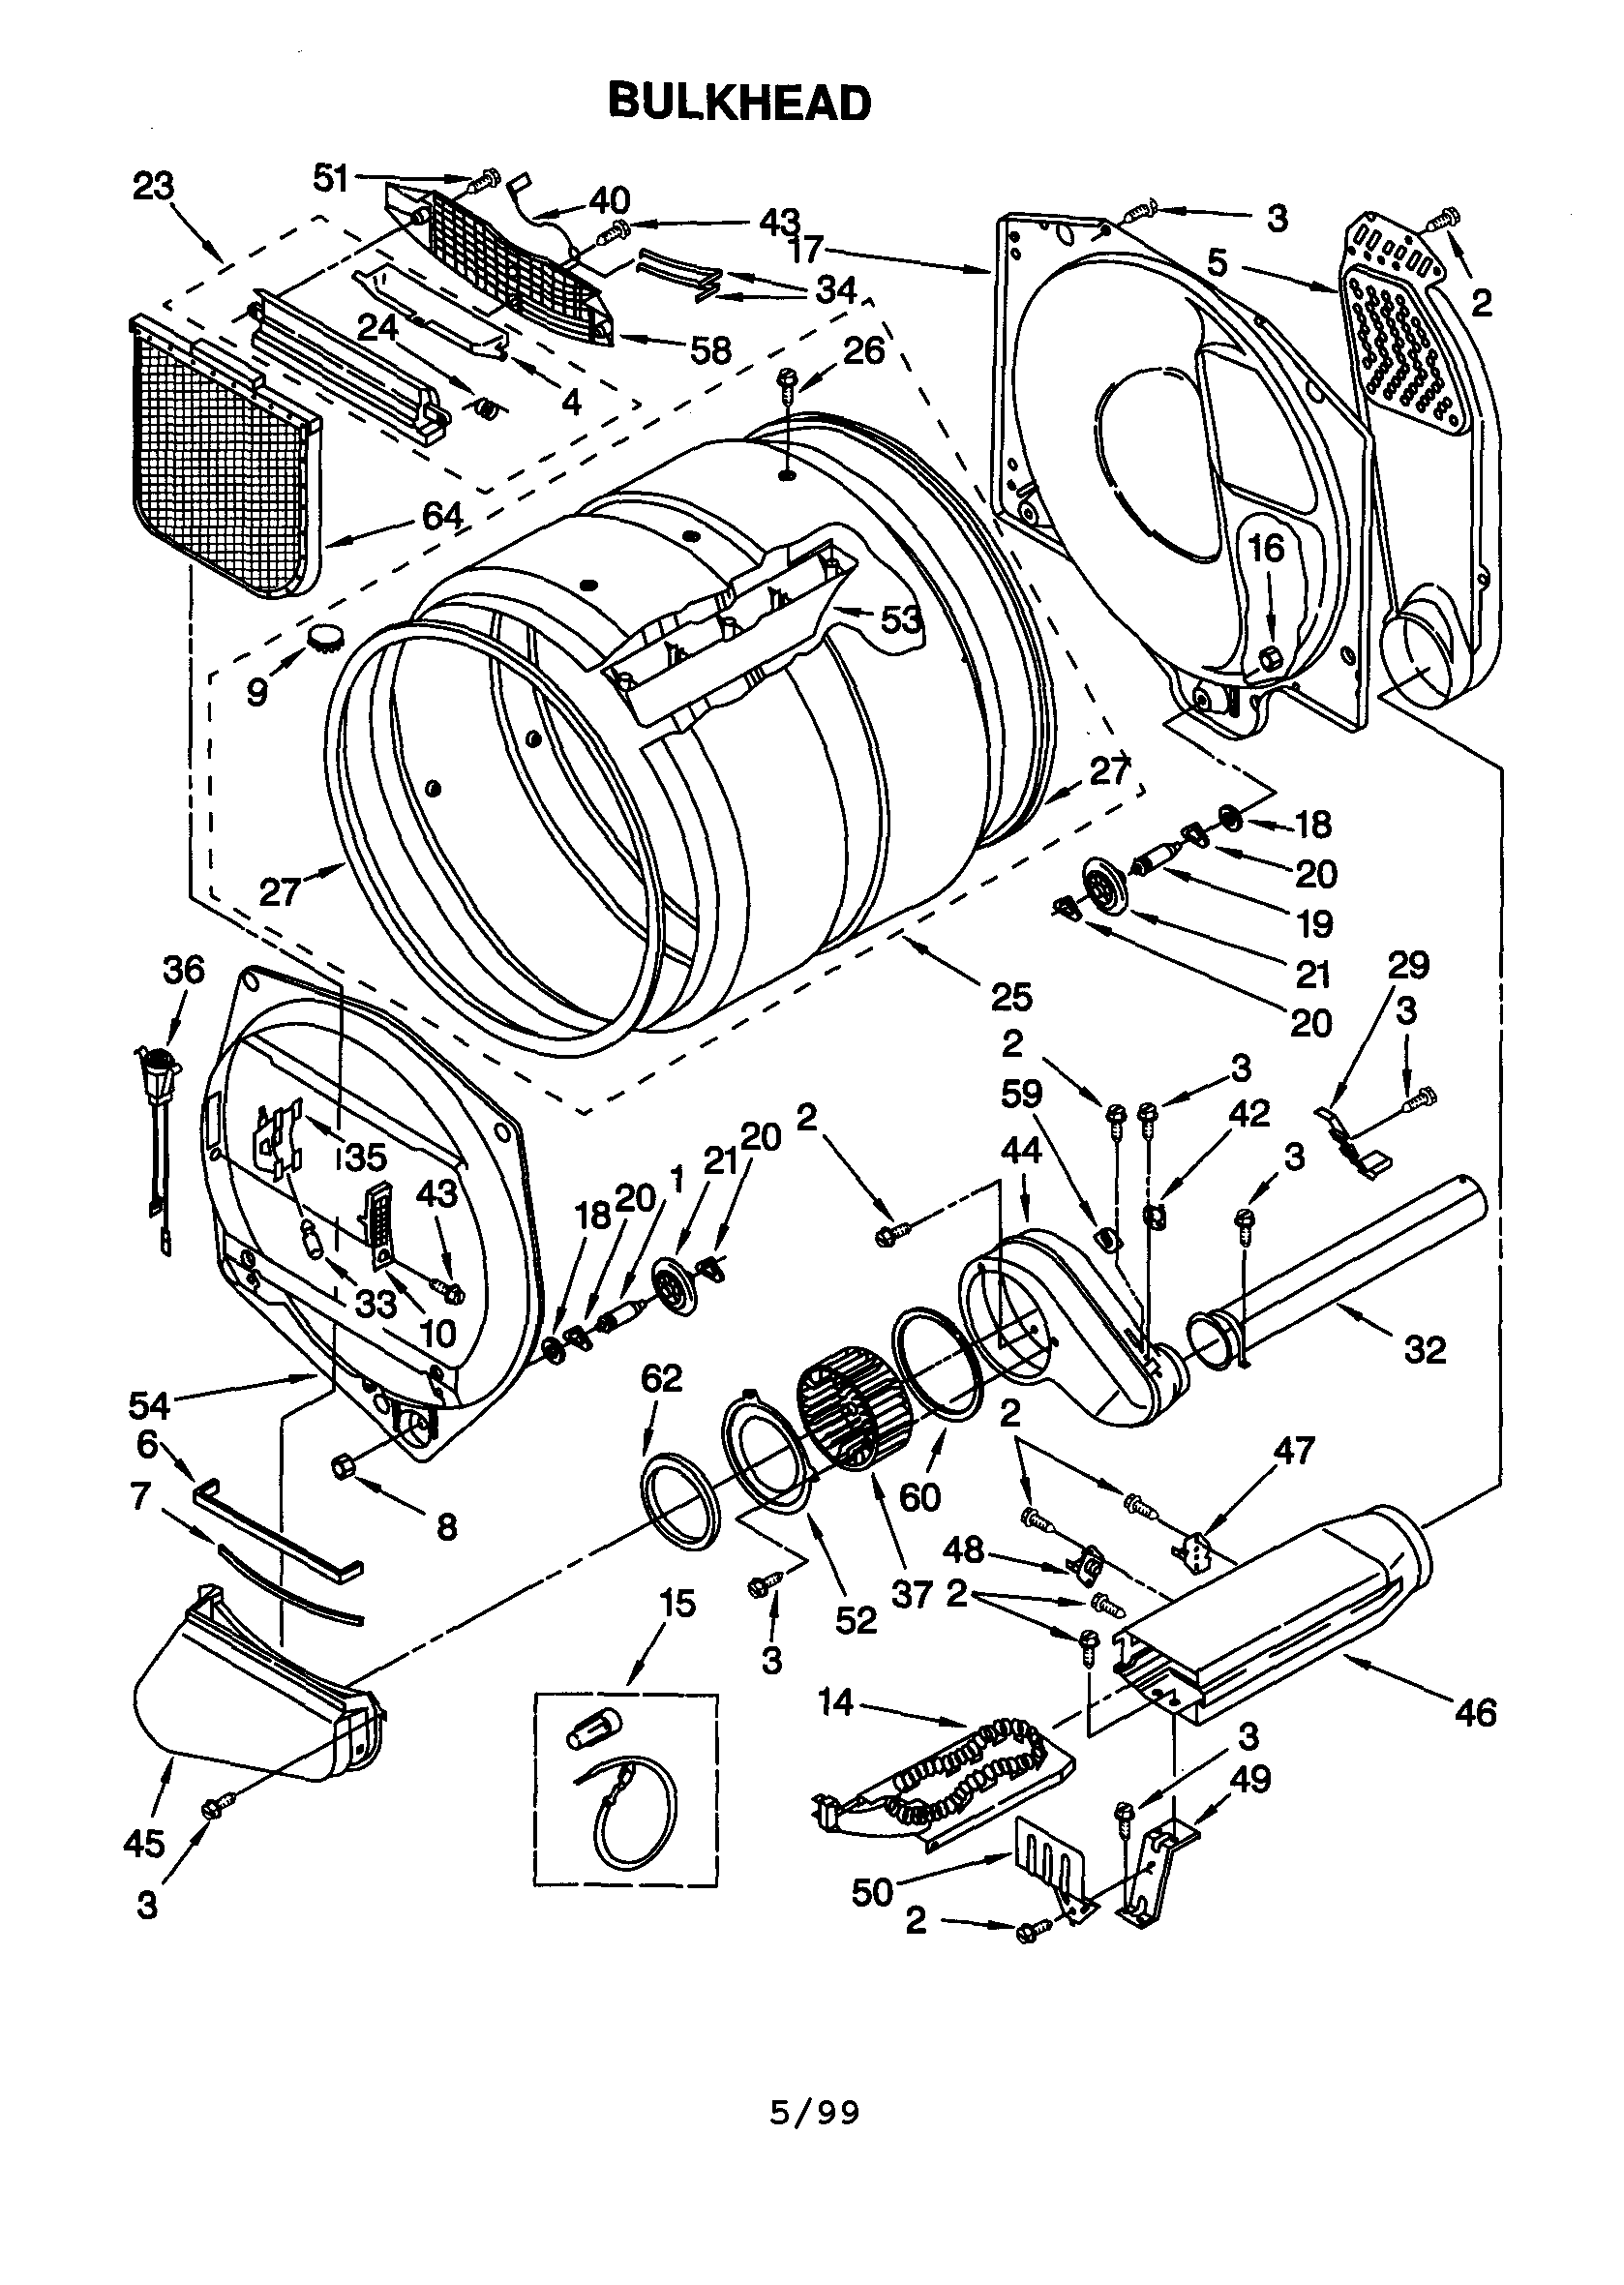 Kenmore 90 Series Model 110 60912990 Parts Diagram Manual Guide